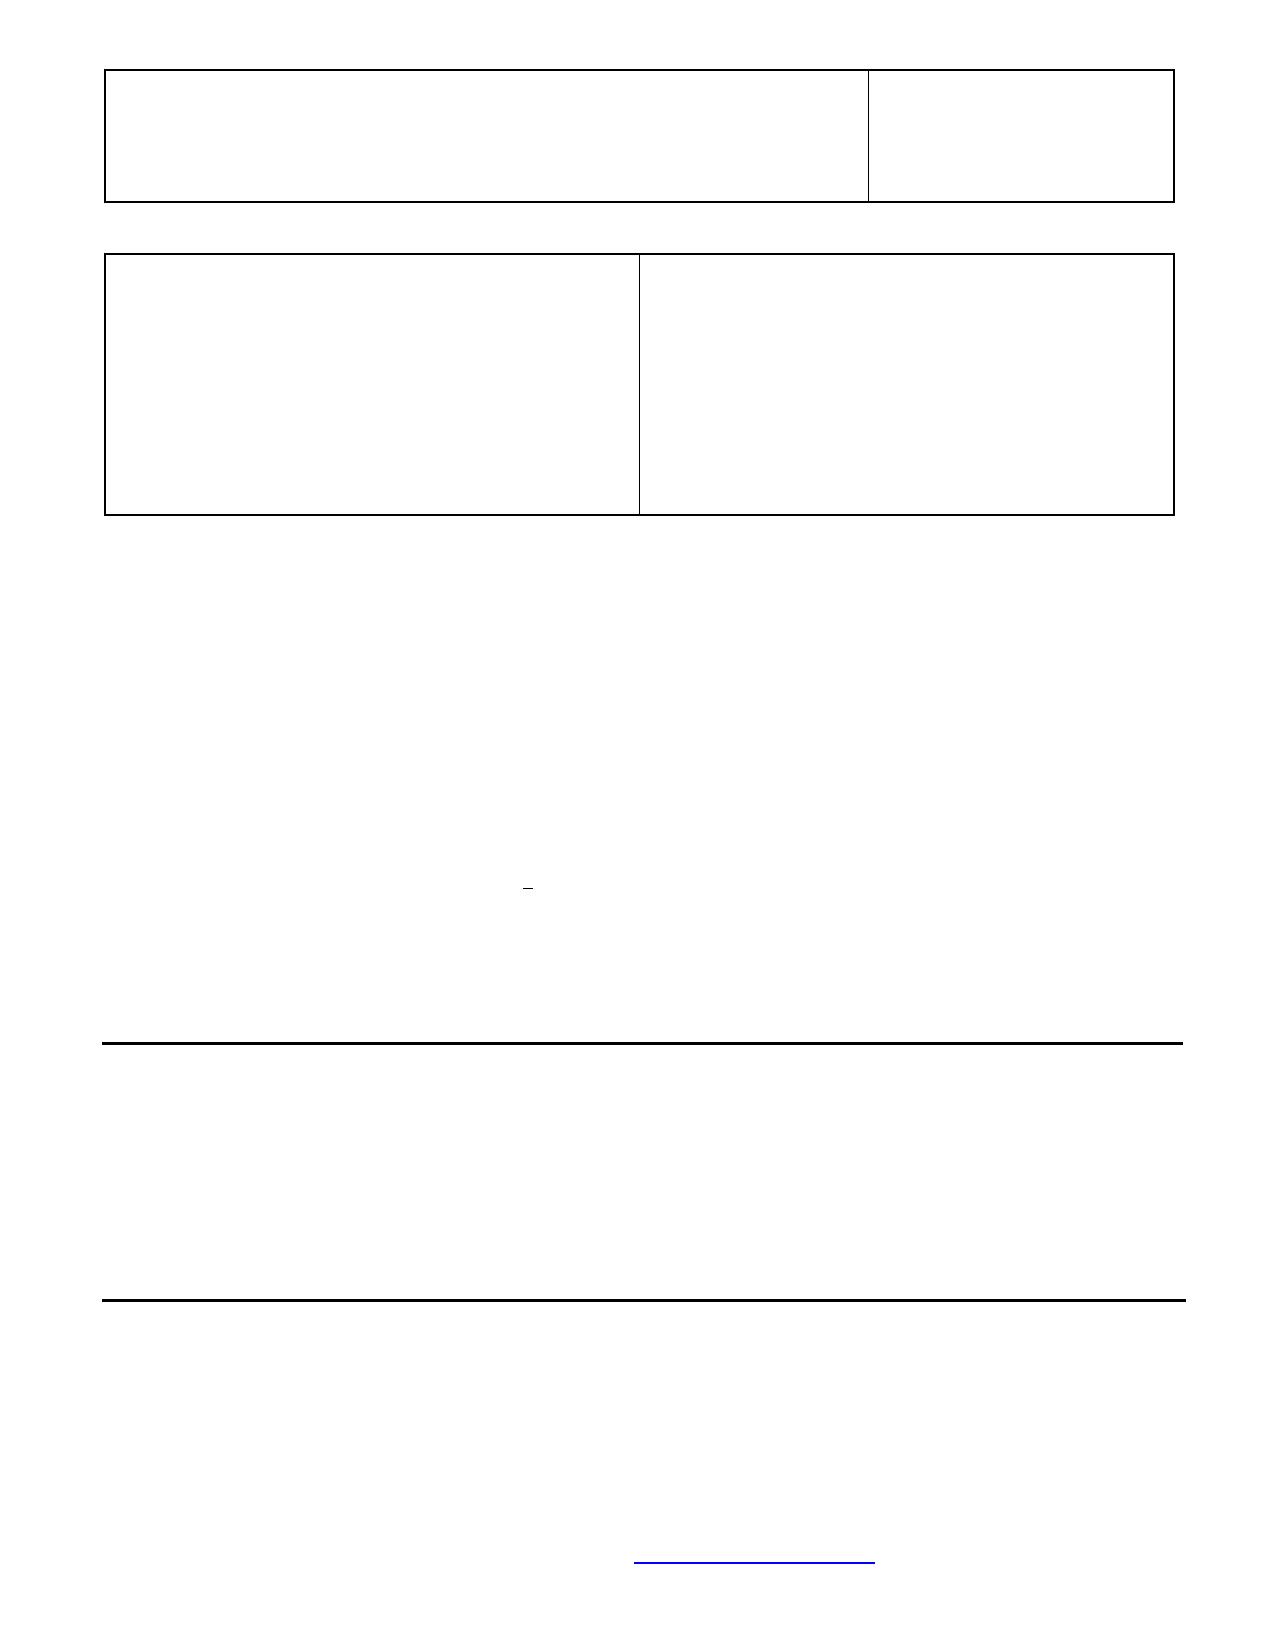 67023-001 دیتاشیت PDF